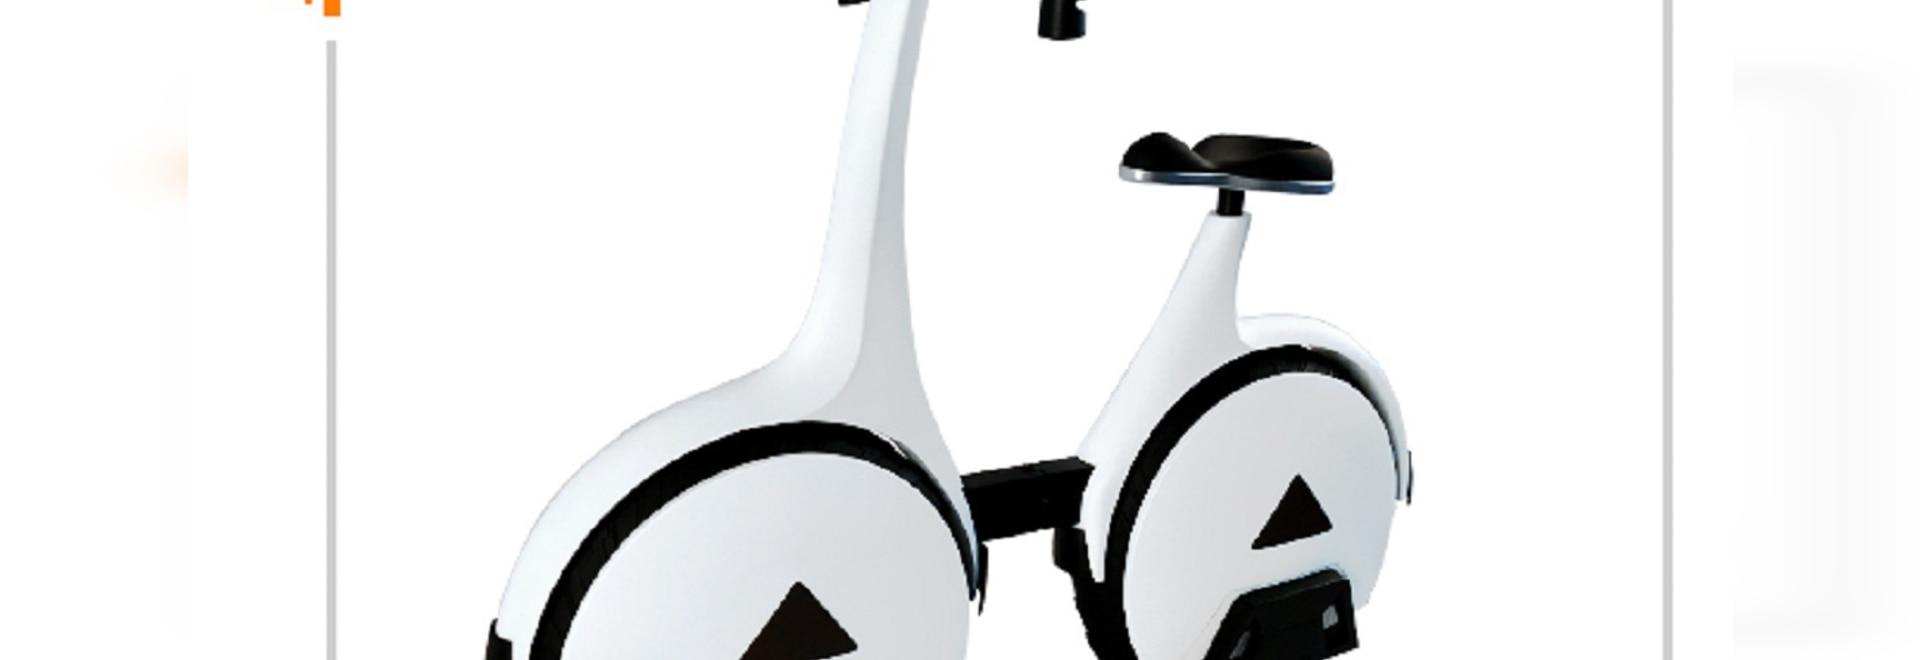 Bicicleta de impresión Bi-Uni Convertible SLA 3D